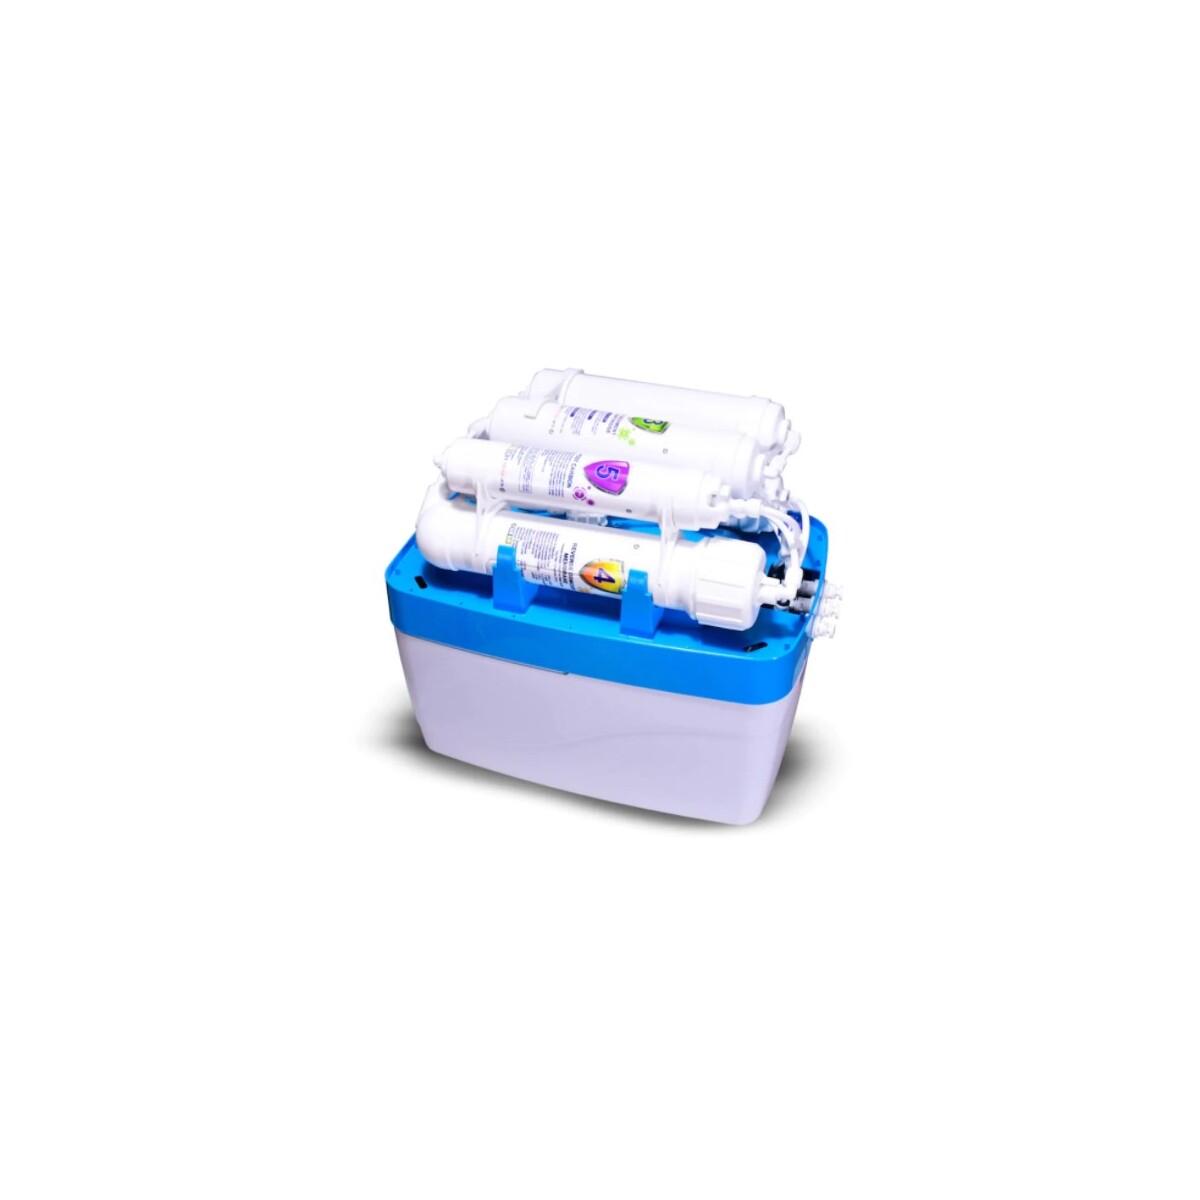 Gold Crystal 10 Aşamalı Organik Su Arıtma Cihazı